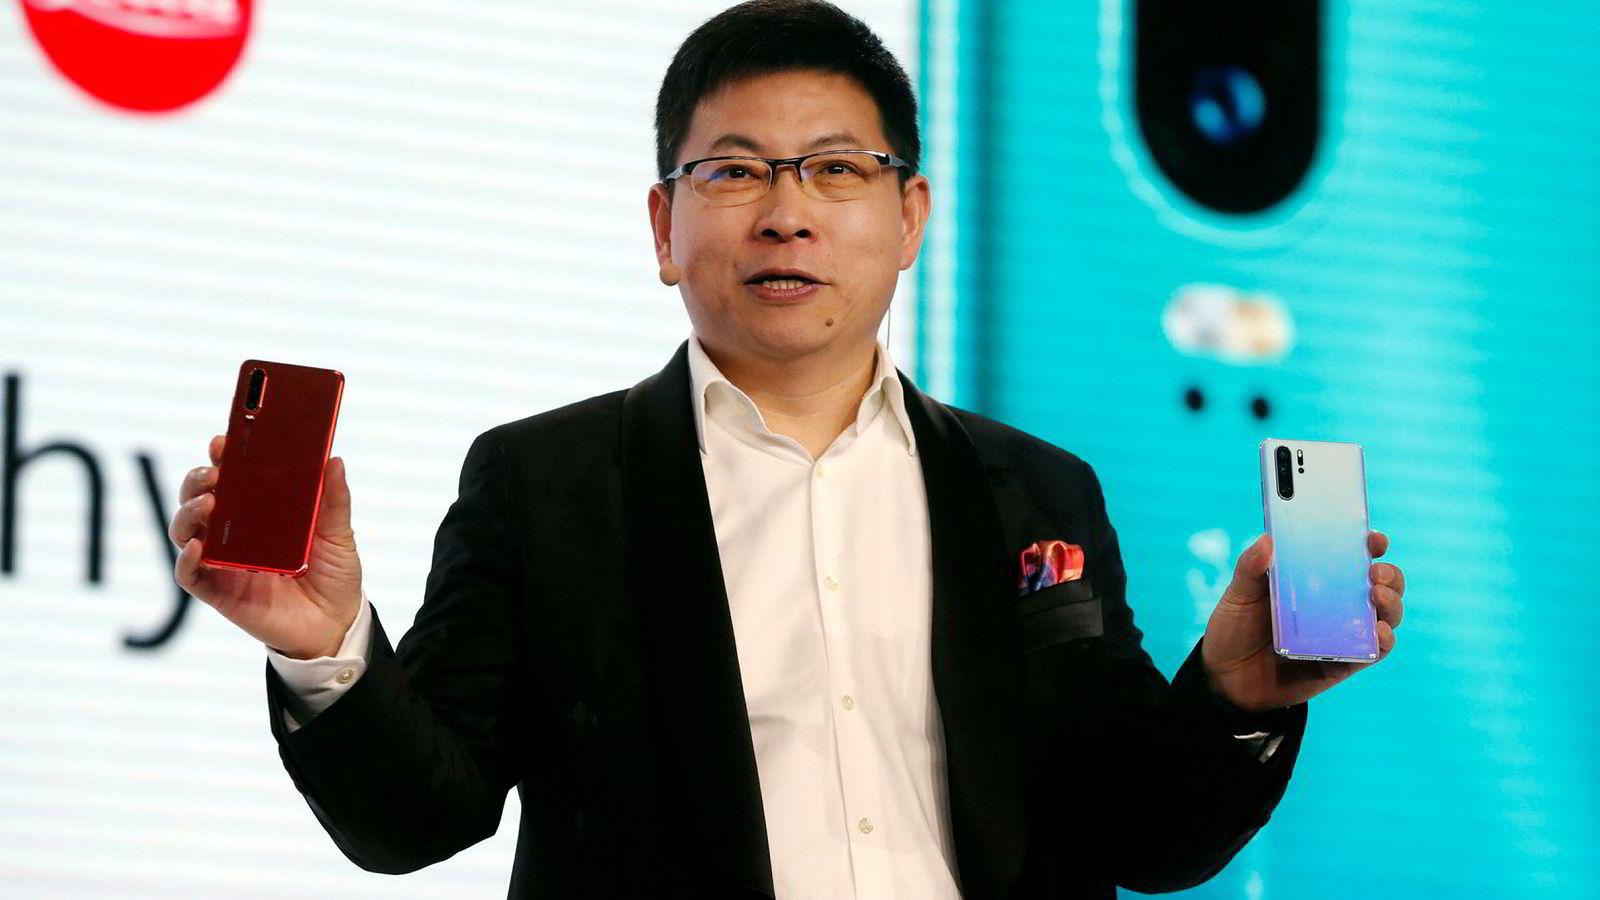 Huaweis konsernsjef Richard Yu lanserte flaggskipsmodellen Huawei P30 i mars. Huawei har økt salget av smarttelefoner kraftig det siste året og tar markedsandeler i et fallende marked.